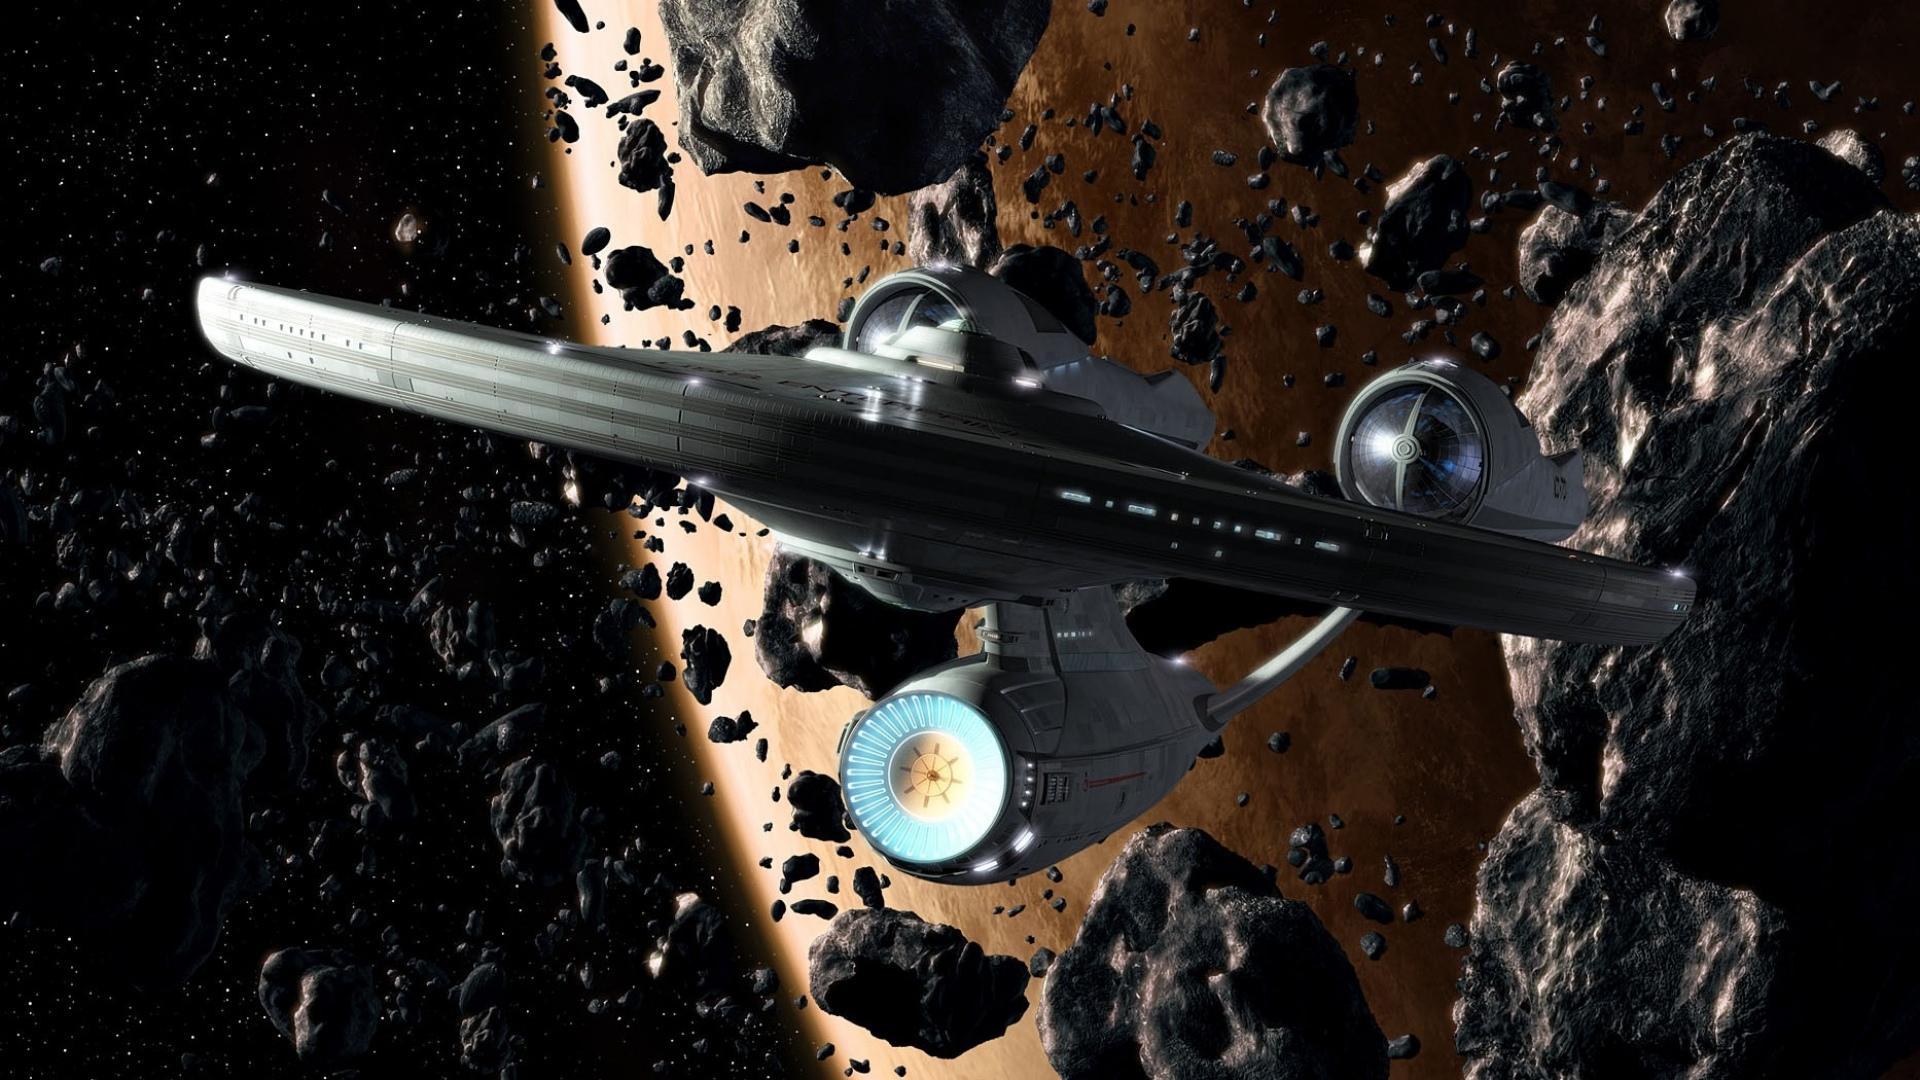 Star Trek Enterprise Wallpaper Star Trek 2009 Uss